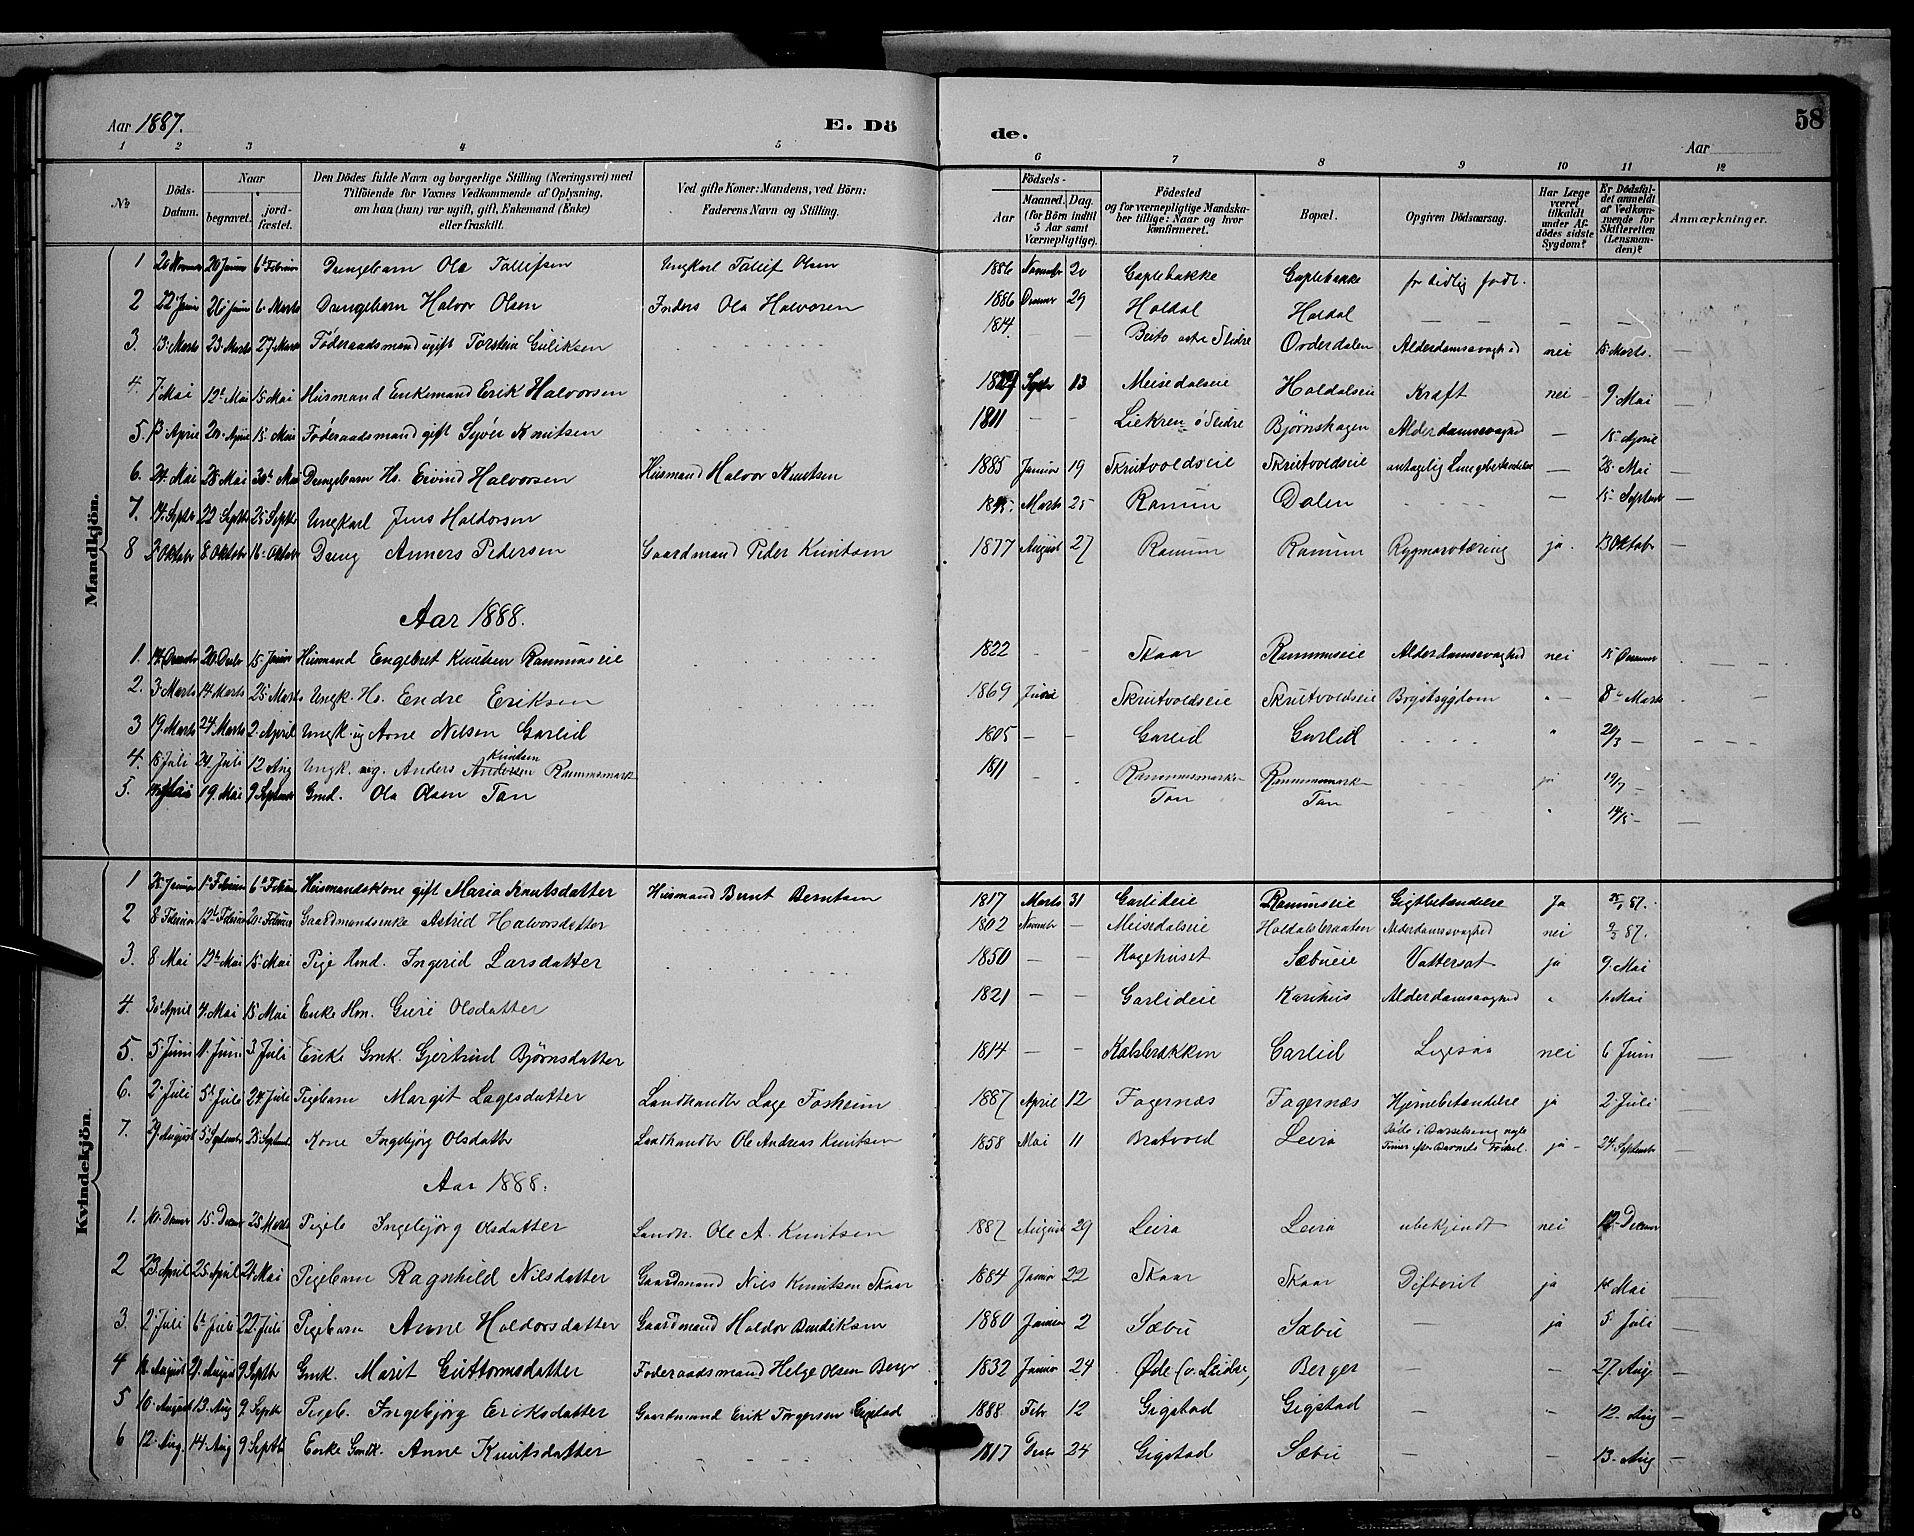 SAH, Nord-Aurdal prestekontor, Klokkerbok nr. 9, 1887-1897, s. 58